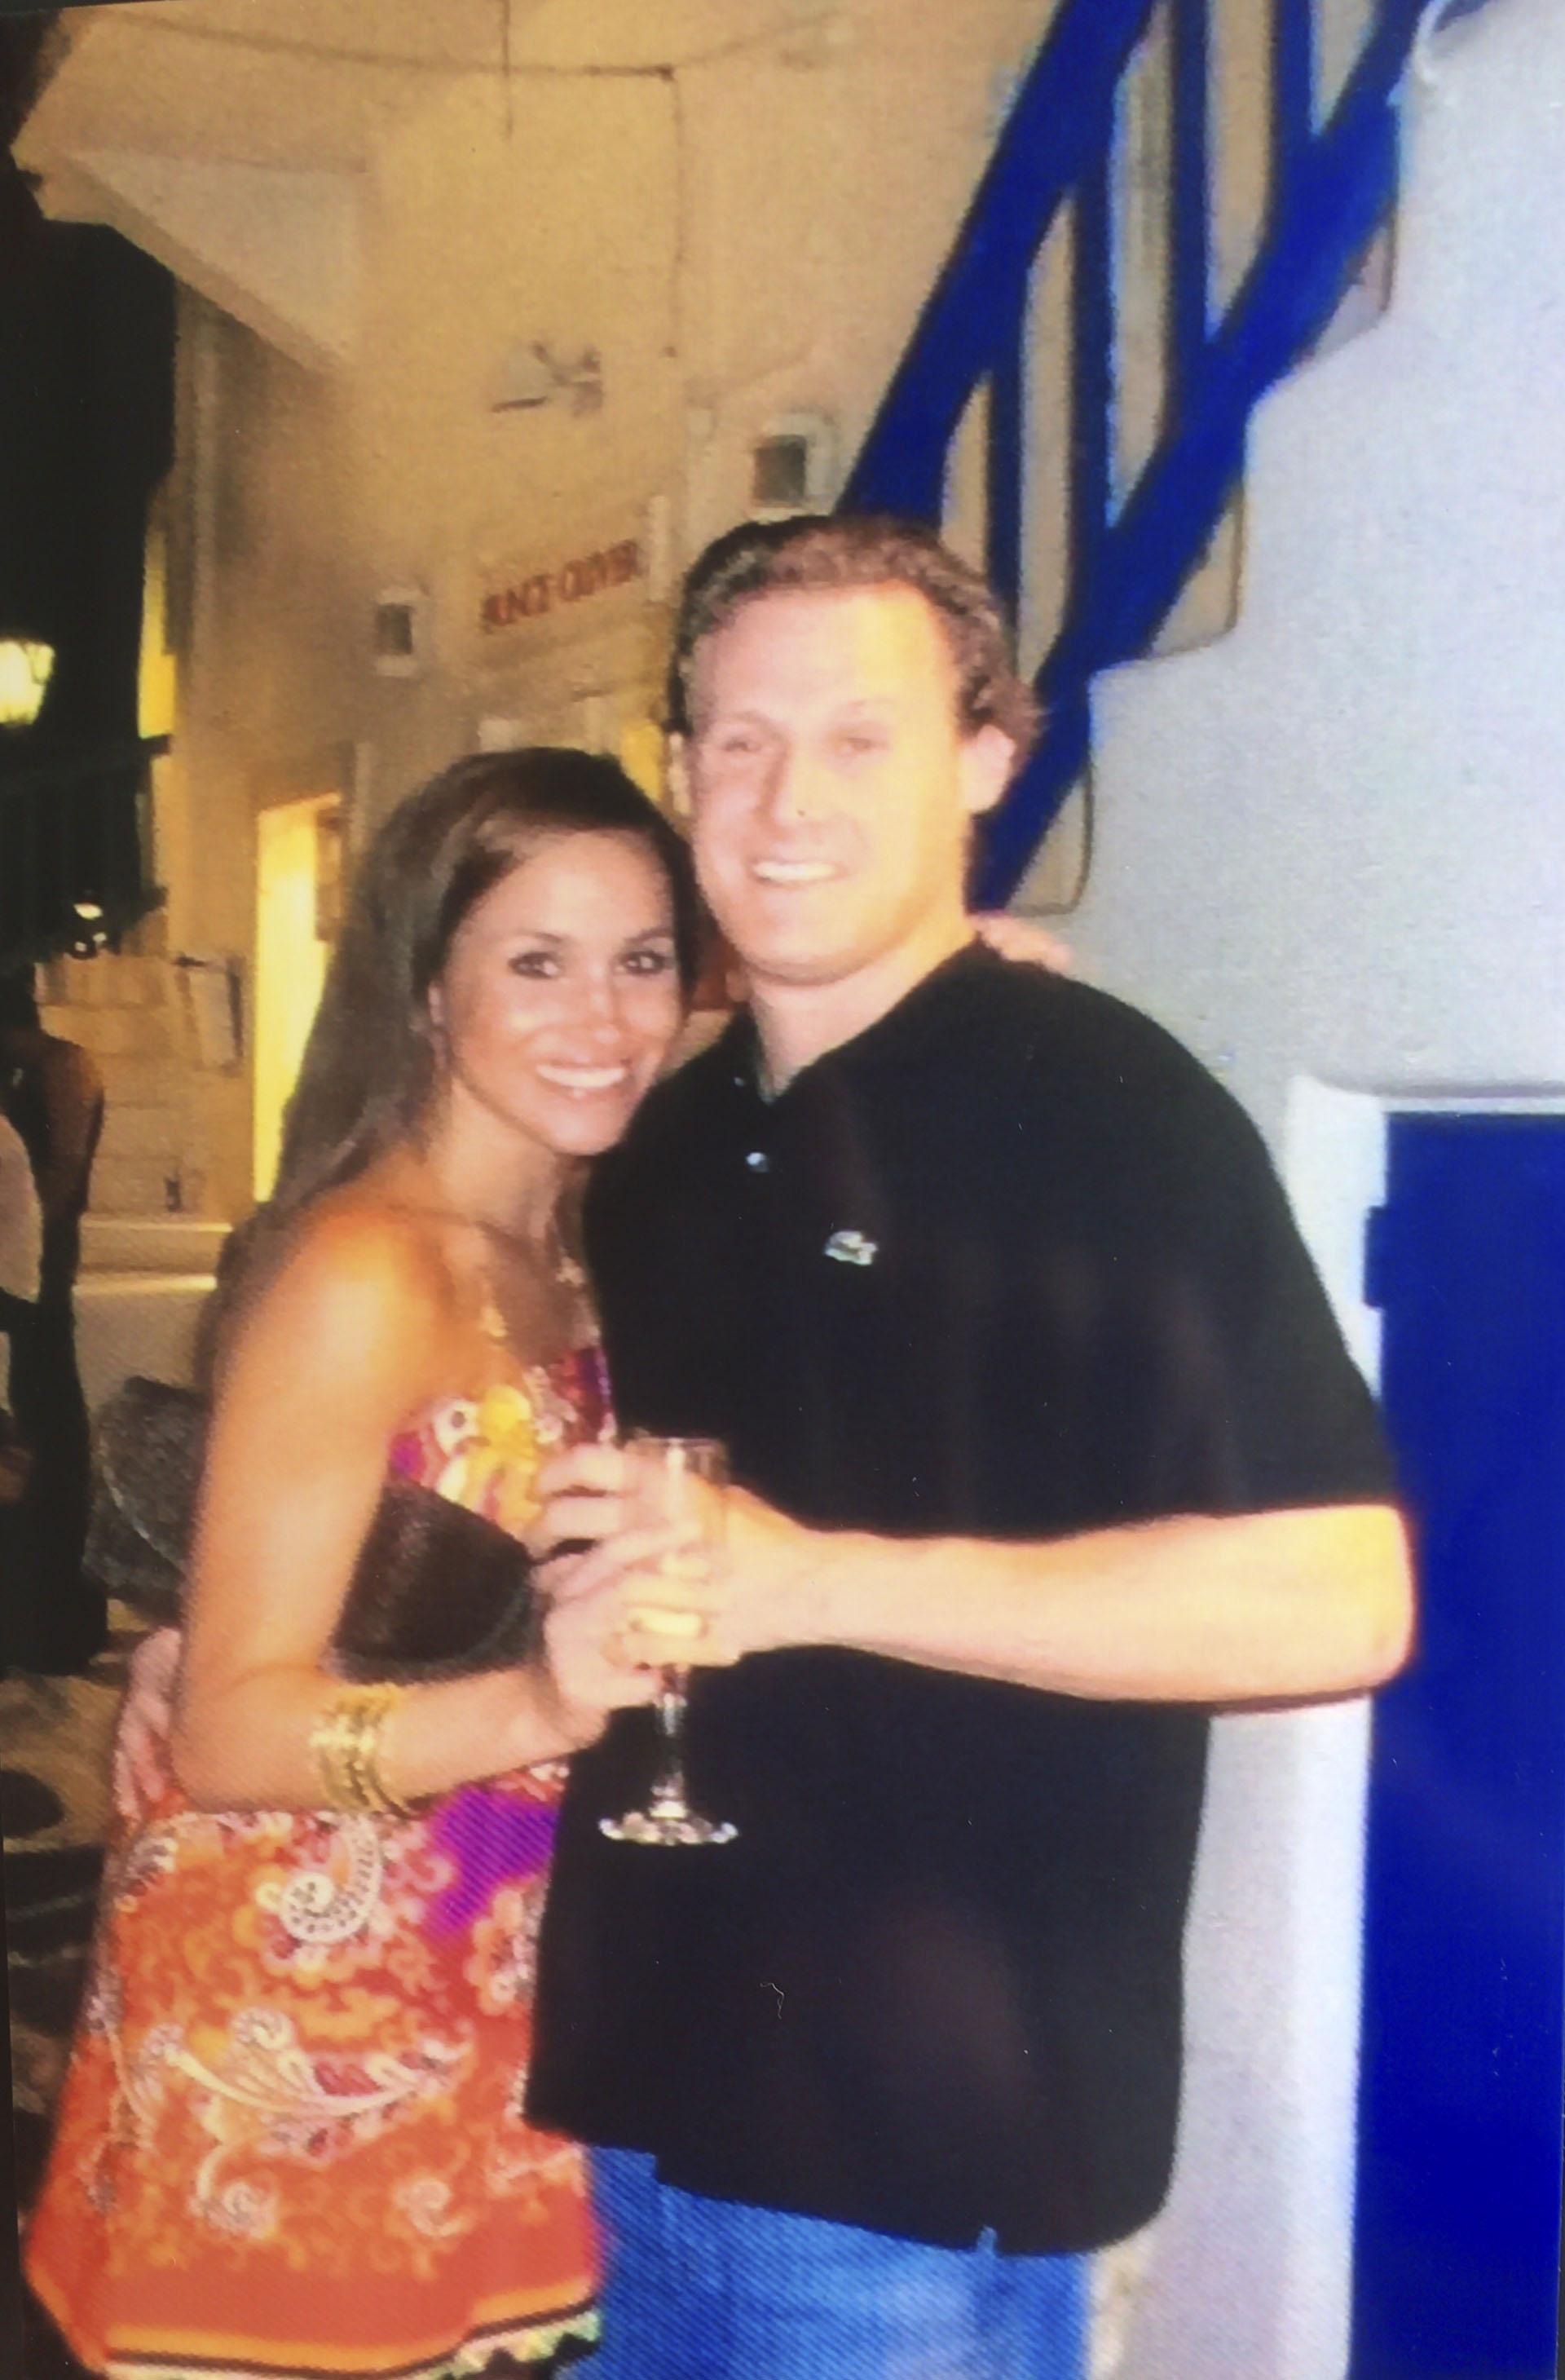 En septiembre de 2011, se casó con el productor de cine Trevor Engelson, después de una relación de siete años, pero la pareja se divorció dos años después